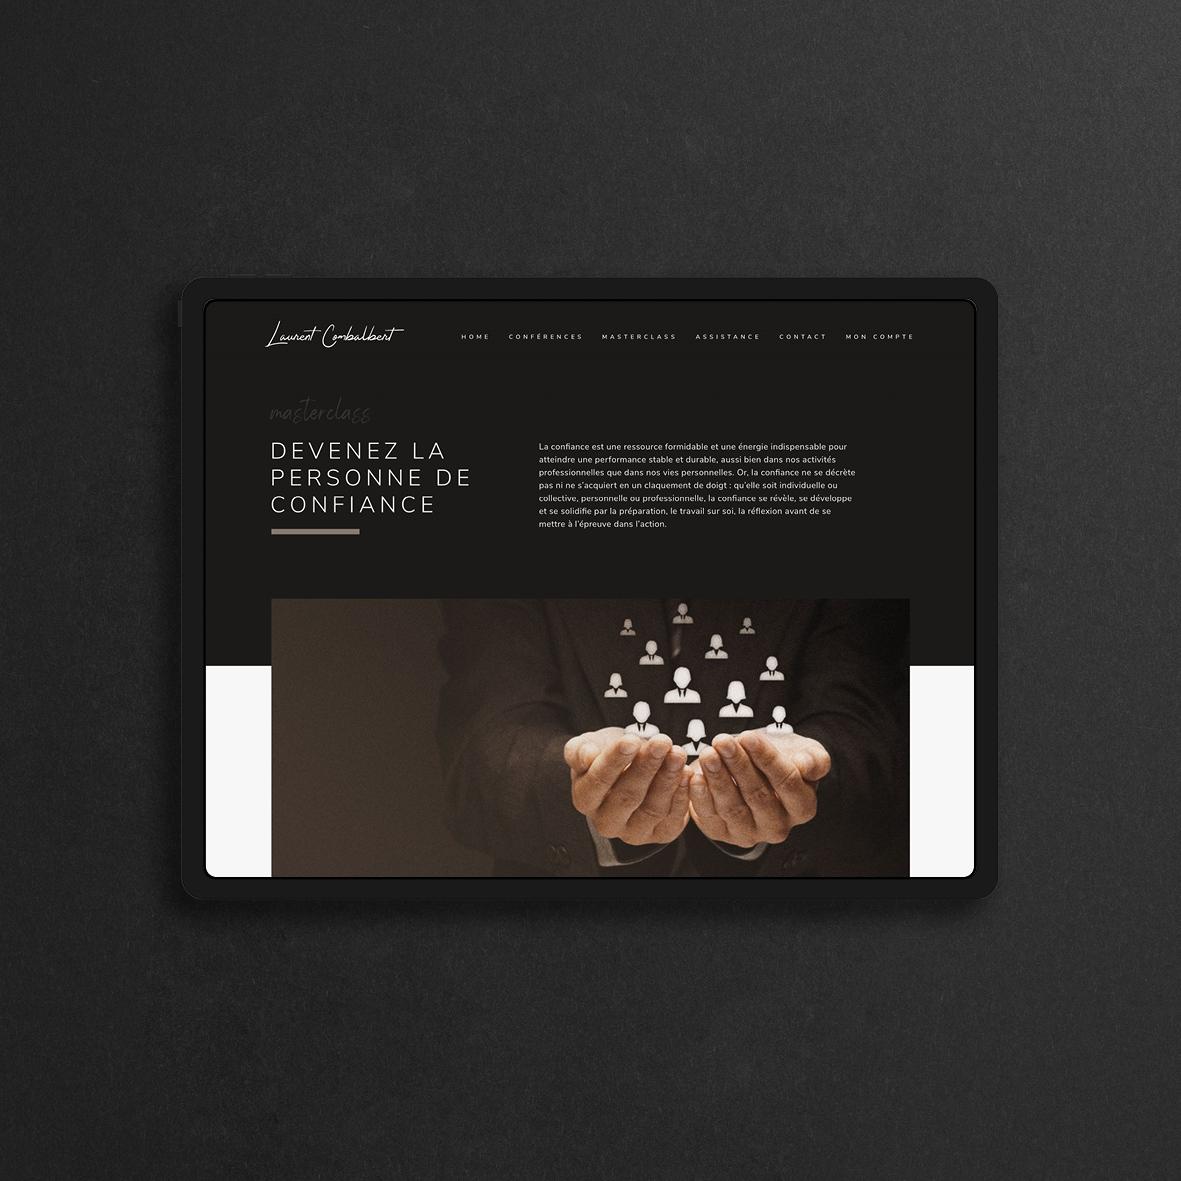 UI et UX du site de Laurent Combalbert, fondateur de The Trusted Agency